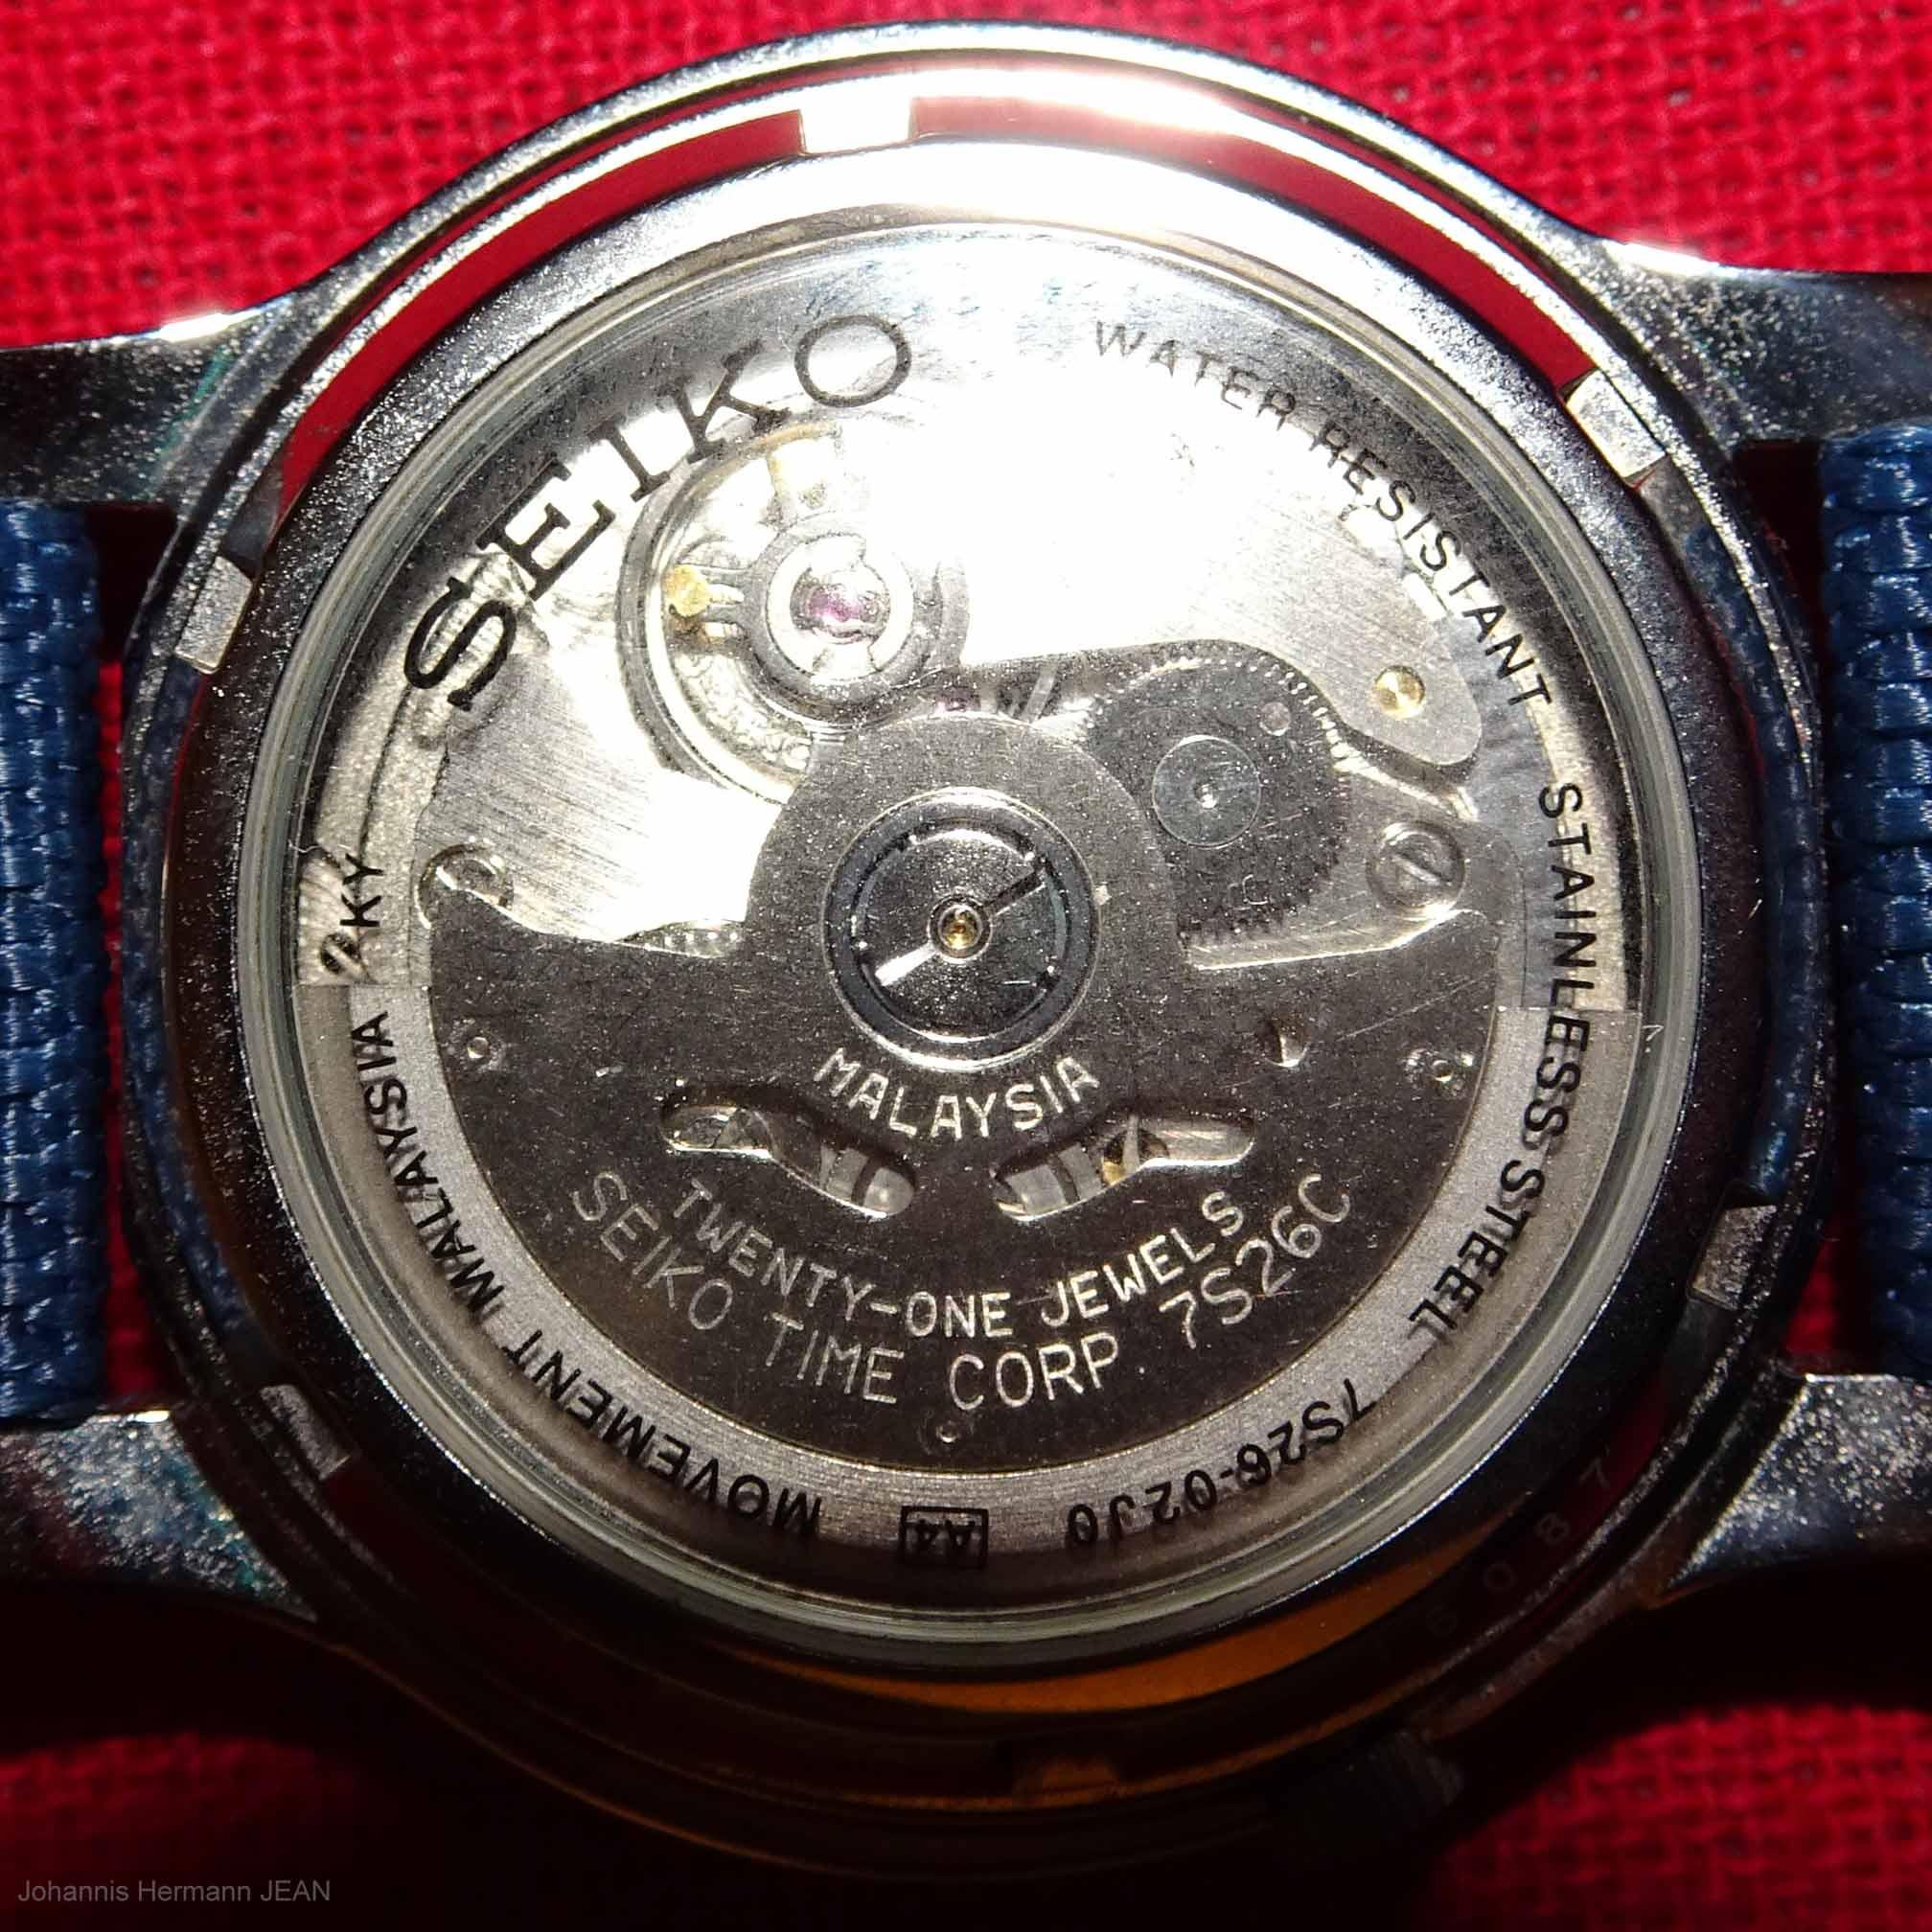 Seiko caliber 7S26C made in Malaysia